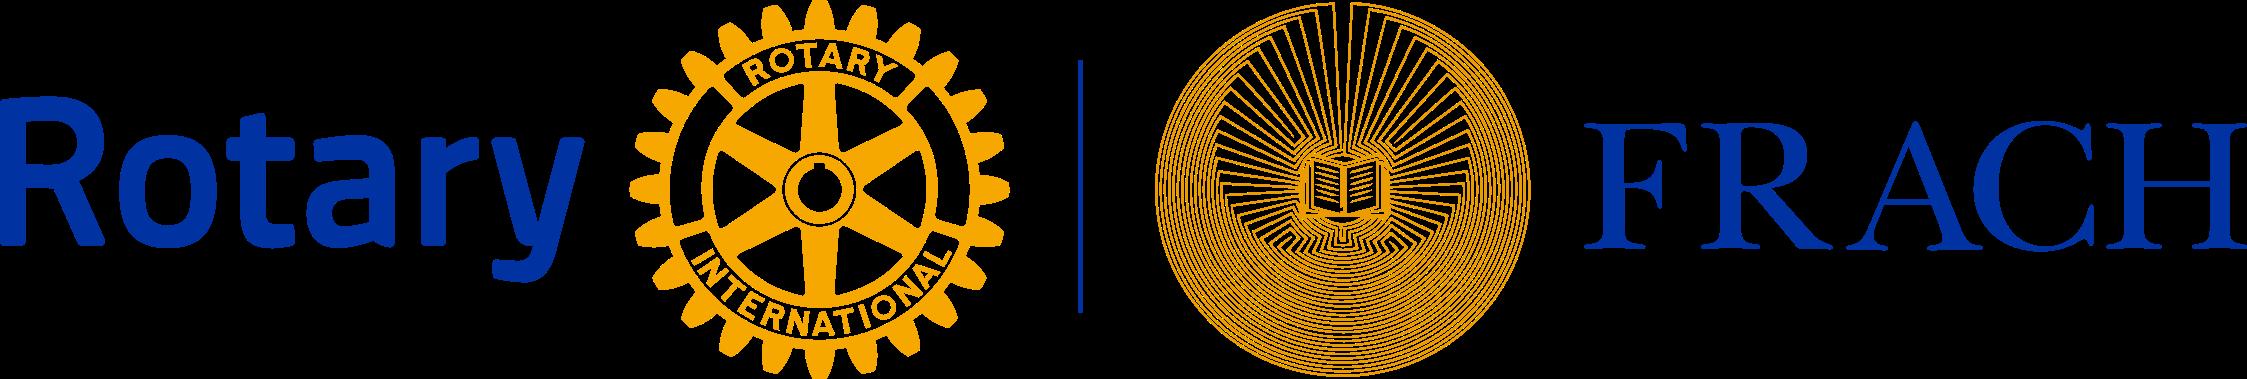 Rotary Frach